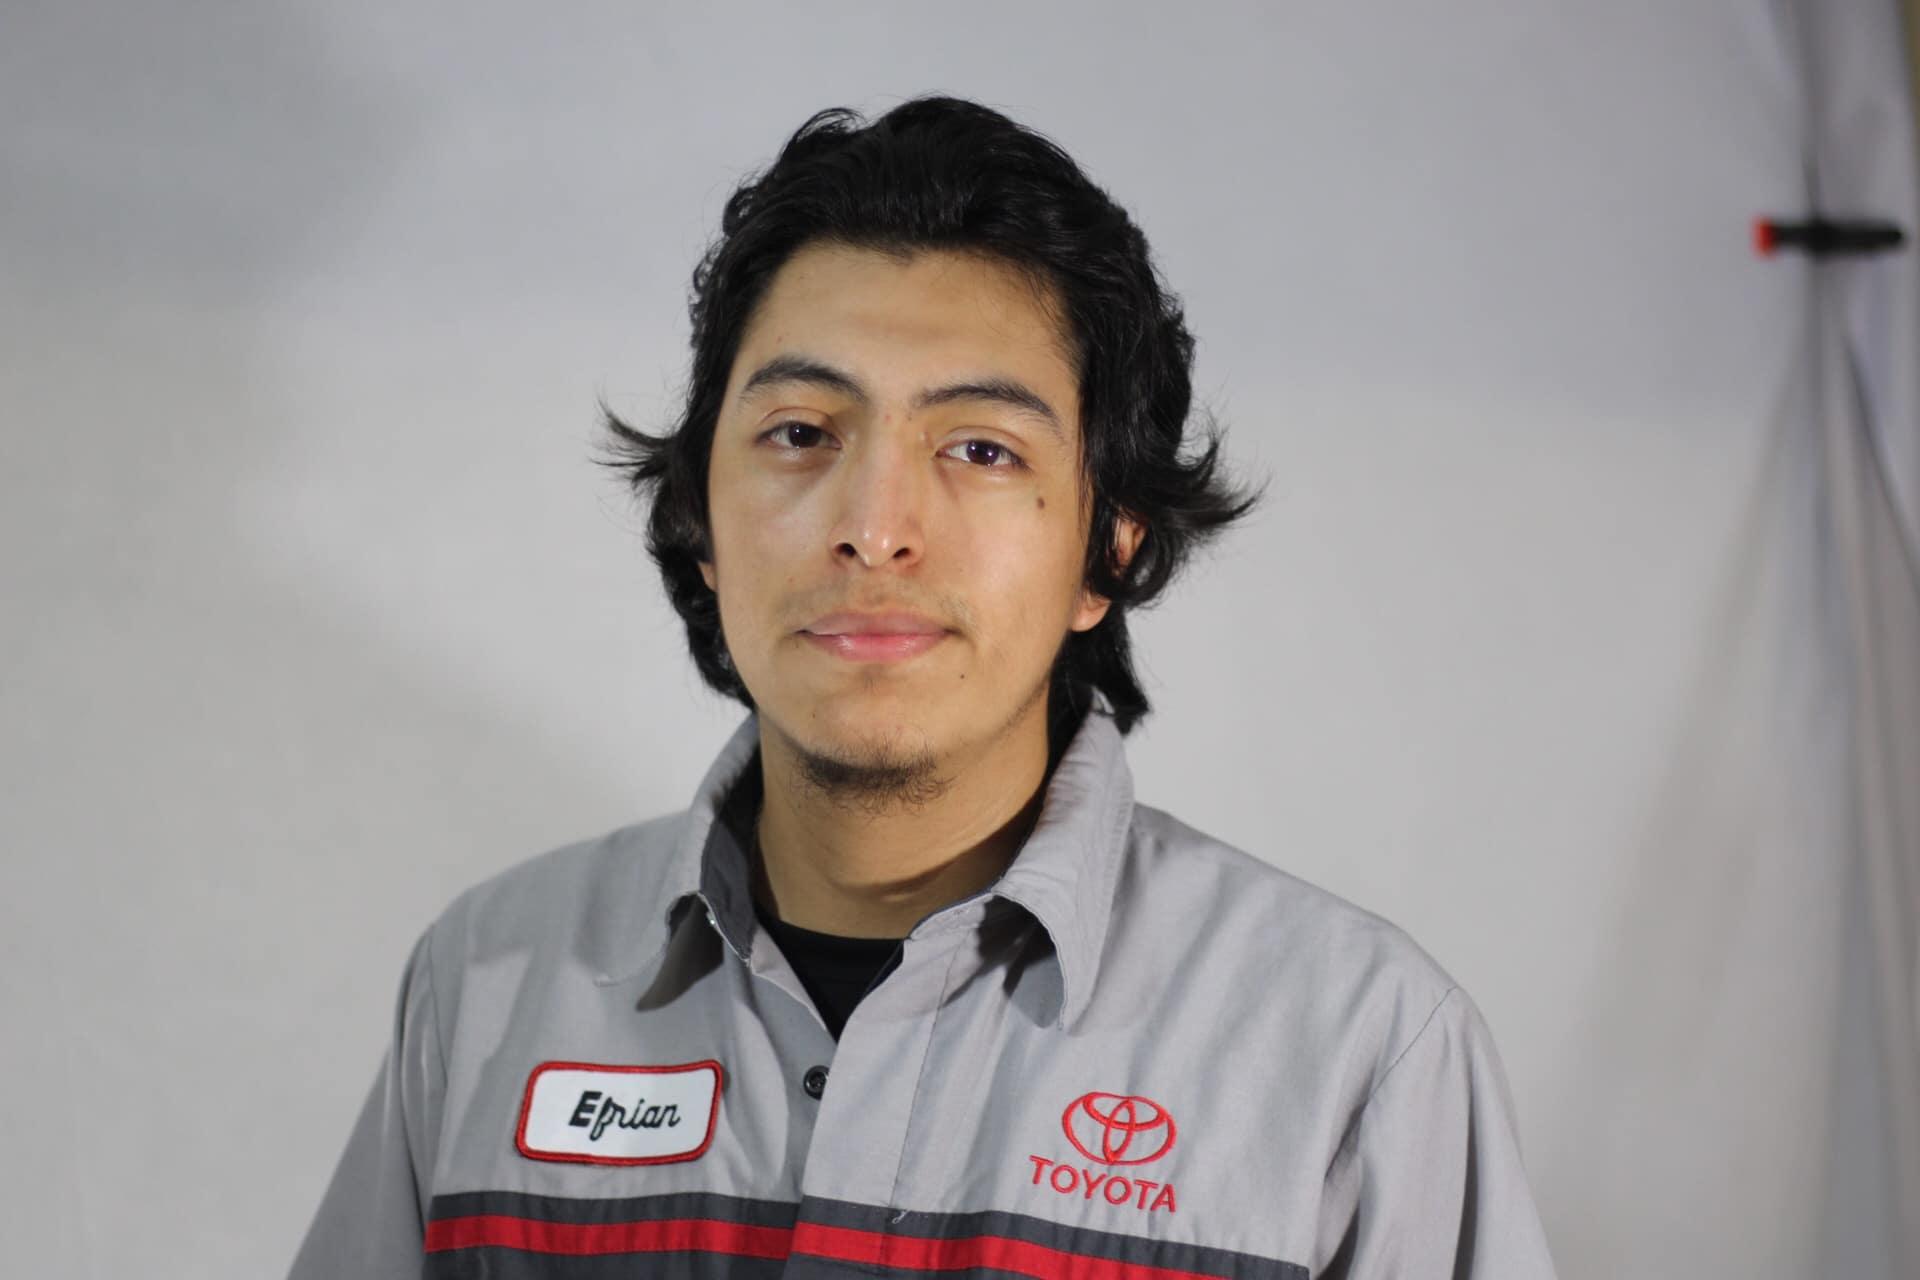 Efrain Lopez-Ruiz